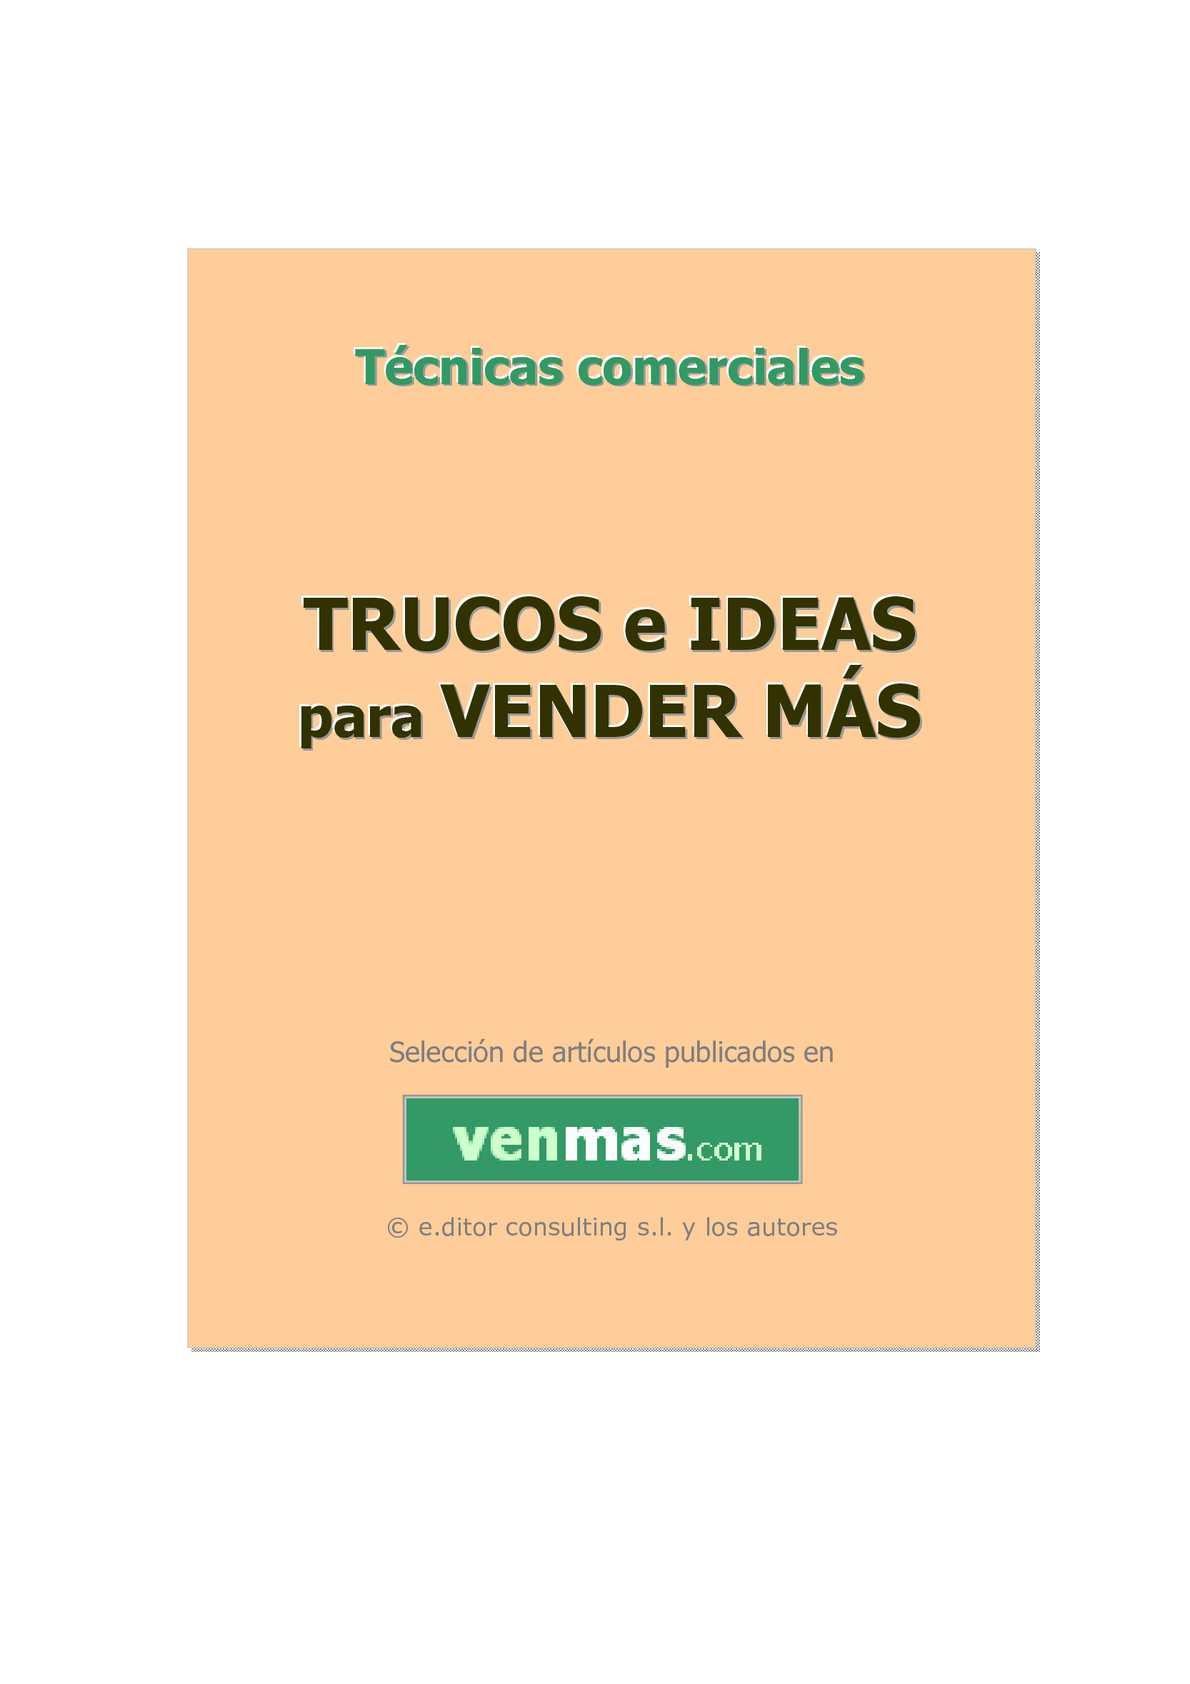 TRUCOS E IDEAS PARA VENDER MÁS